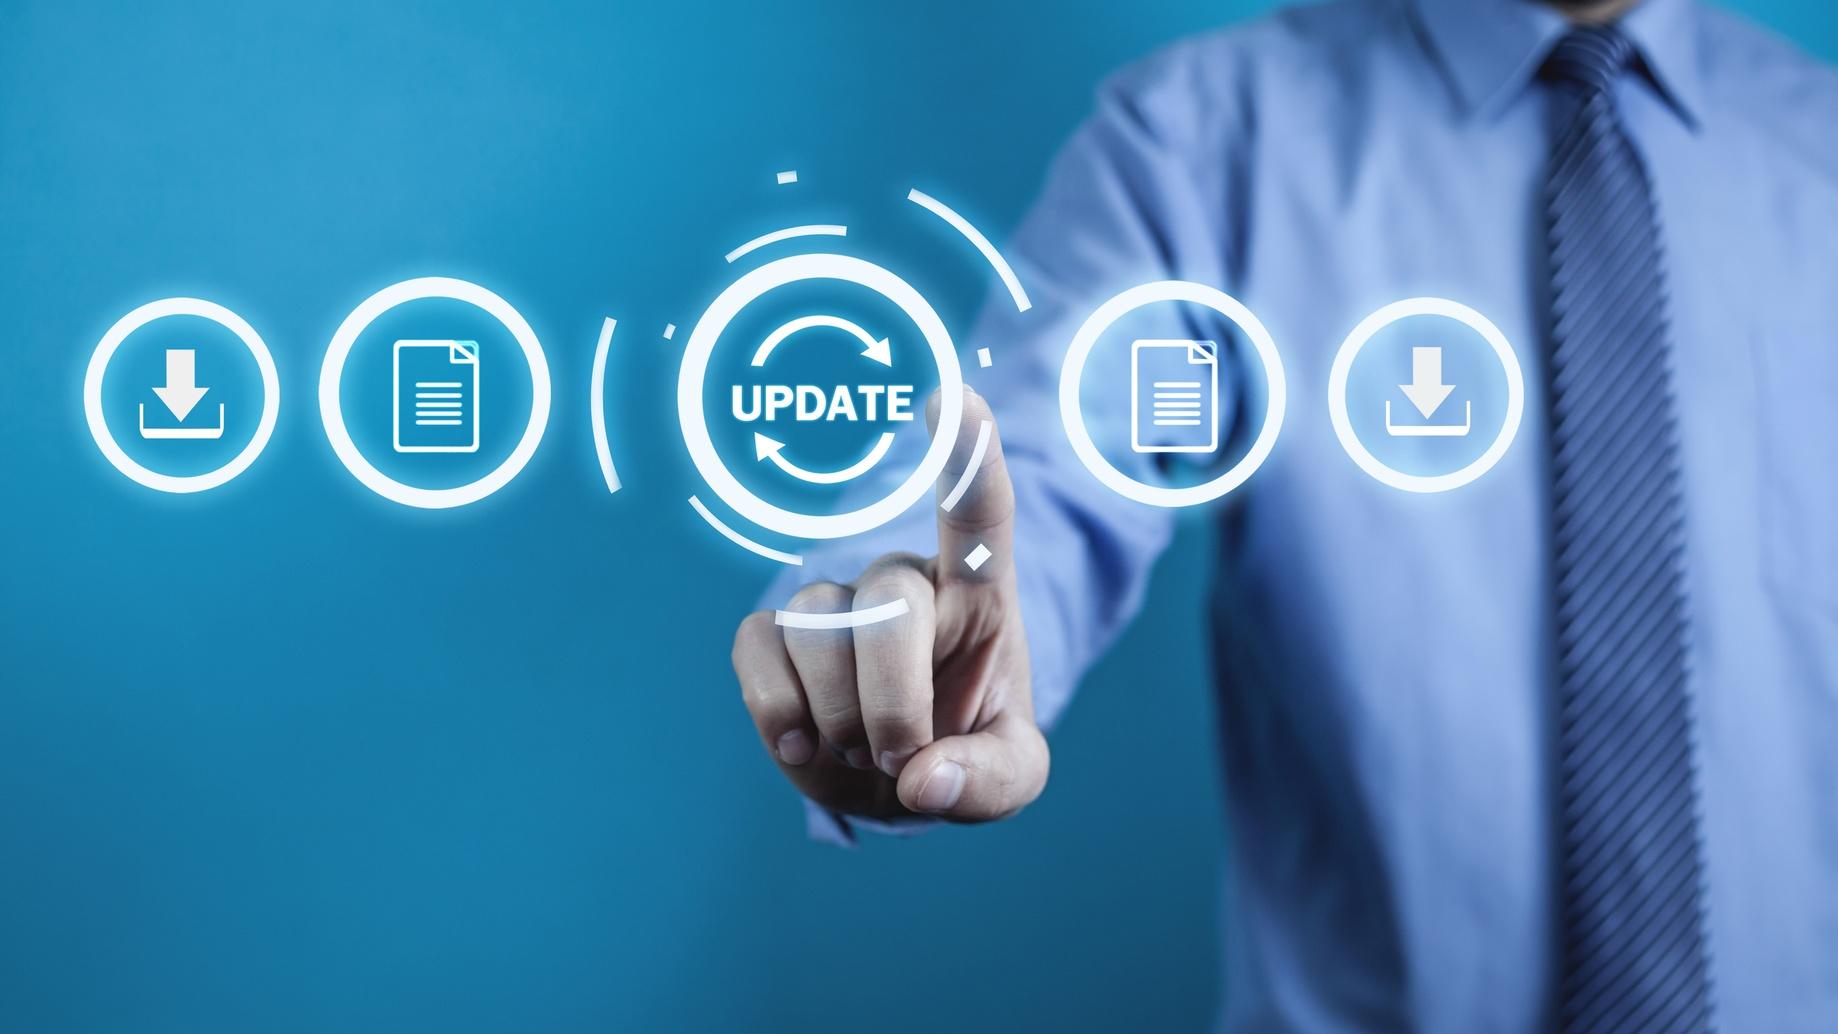 FCCS updates 10-18